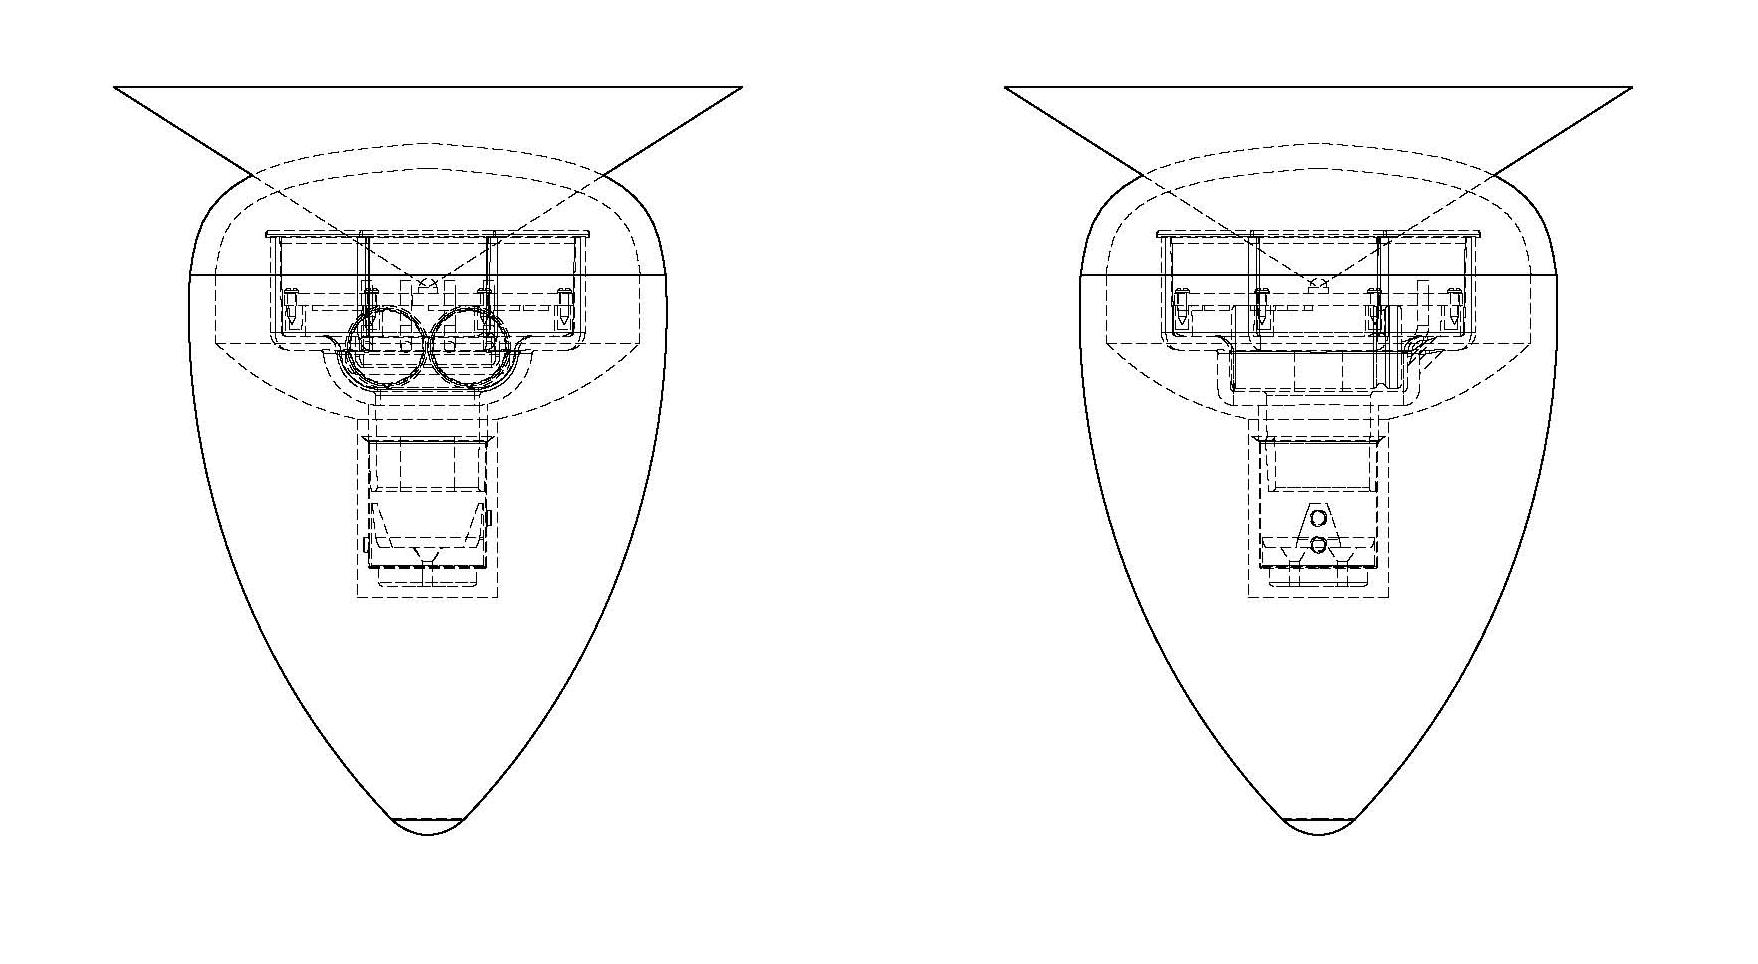 ASL_1157_in_H-D_tail-brake_housing_rev2_Page_1.jpg